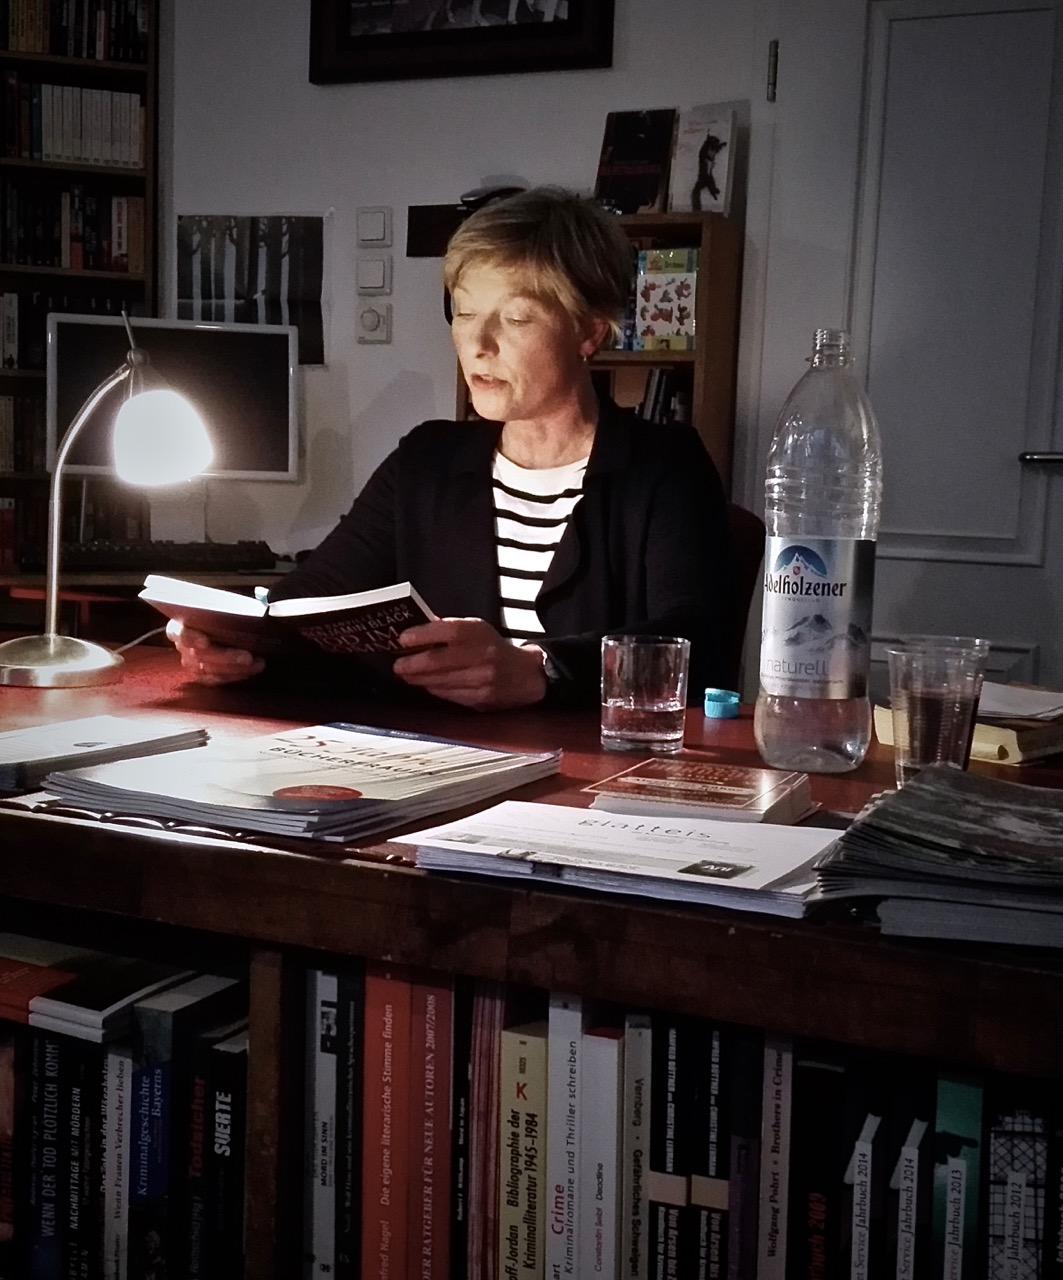 Lesung in der Münchner Buchhandlung Glatteis, © Annegret Scholz